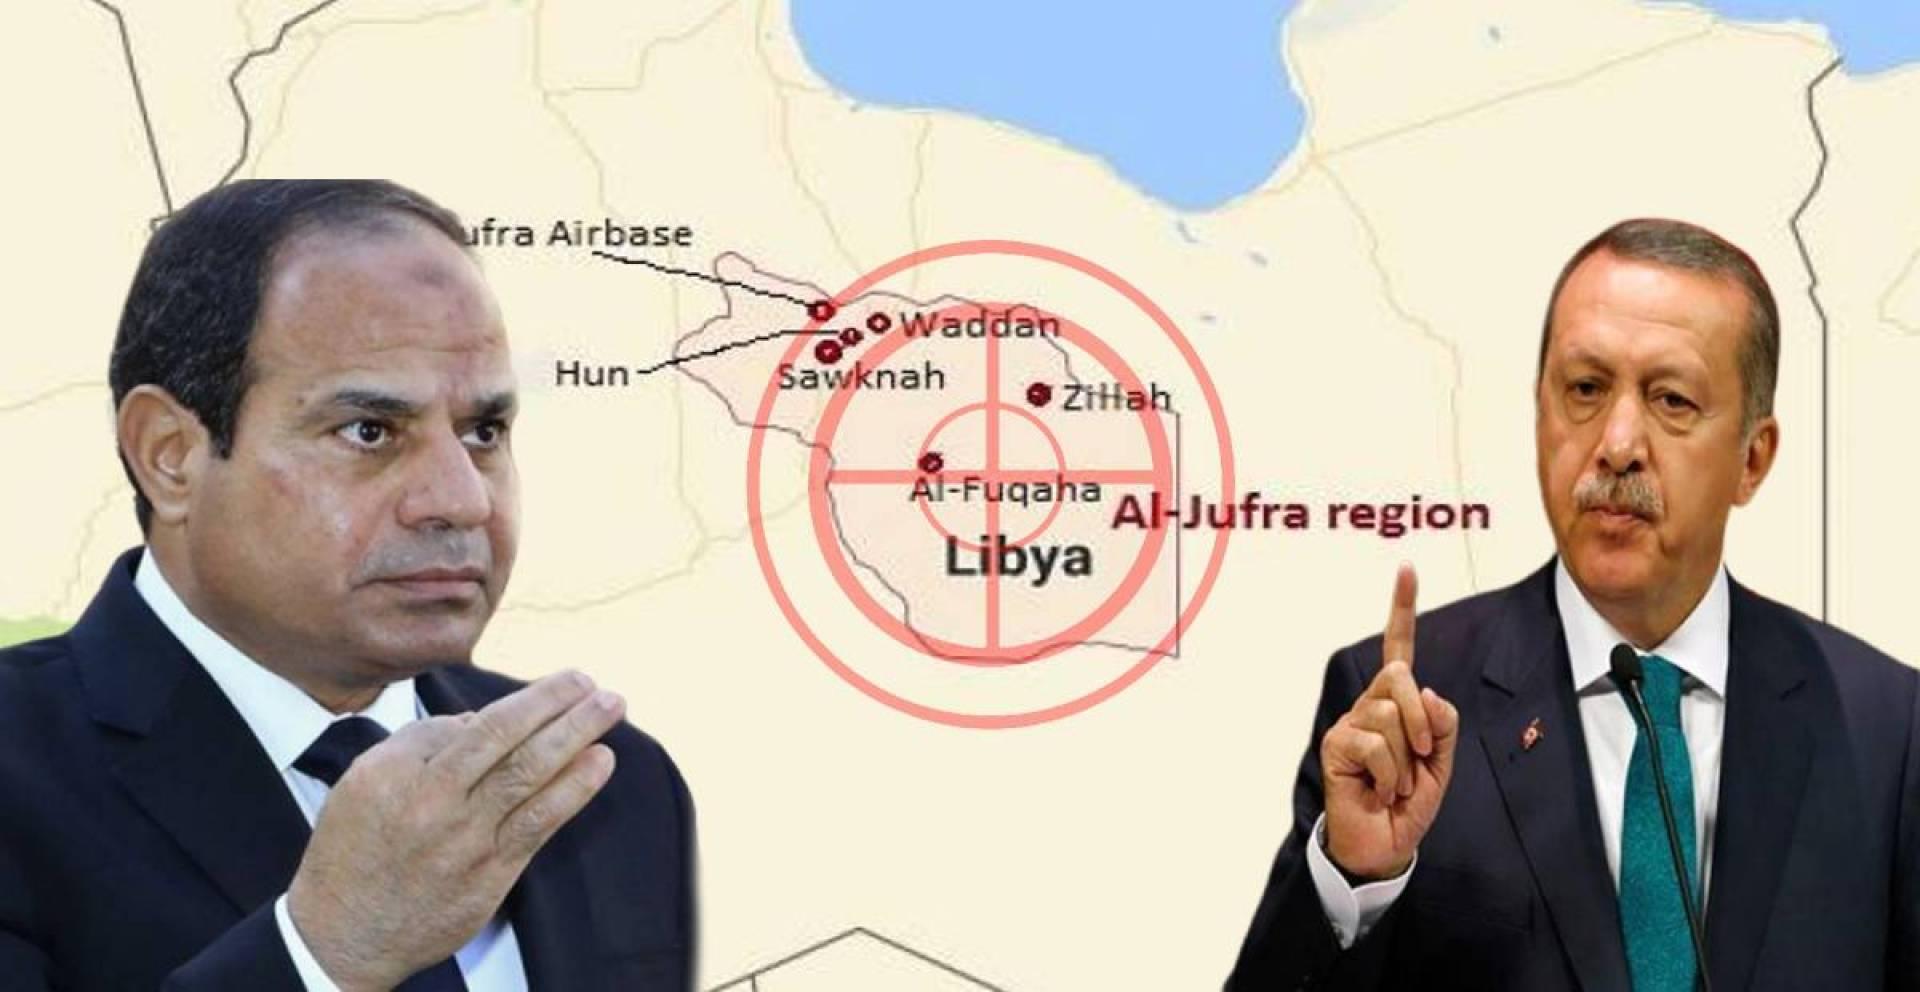 قاعدة الجفرة.. كلمة السر في الصراع على الأراضي الليبية